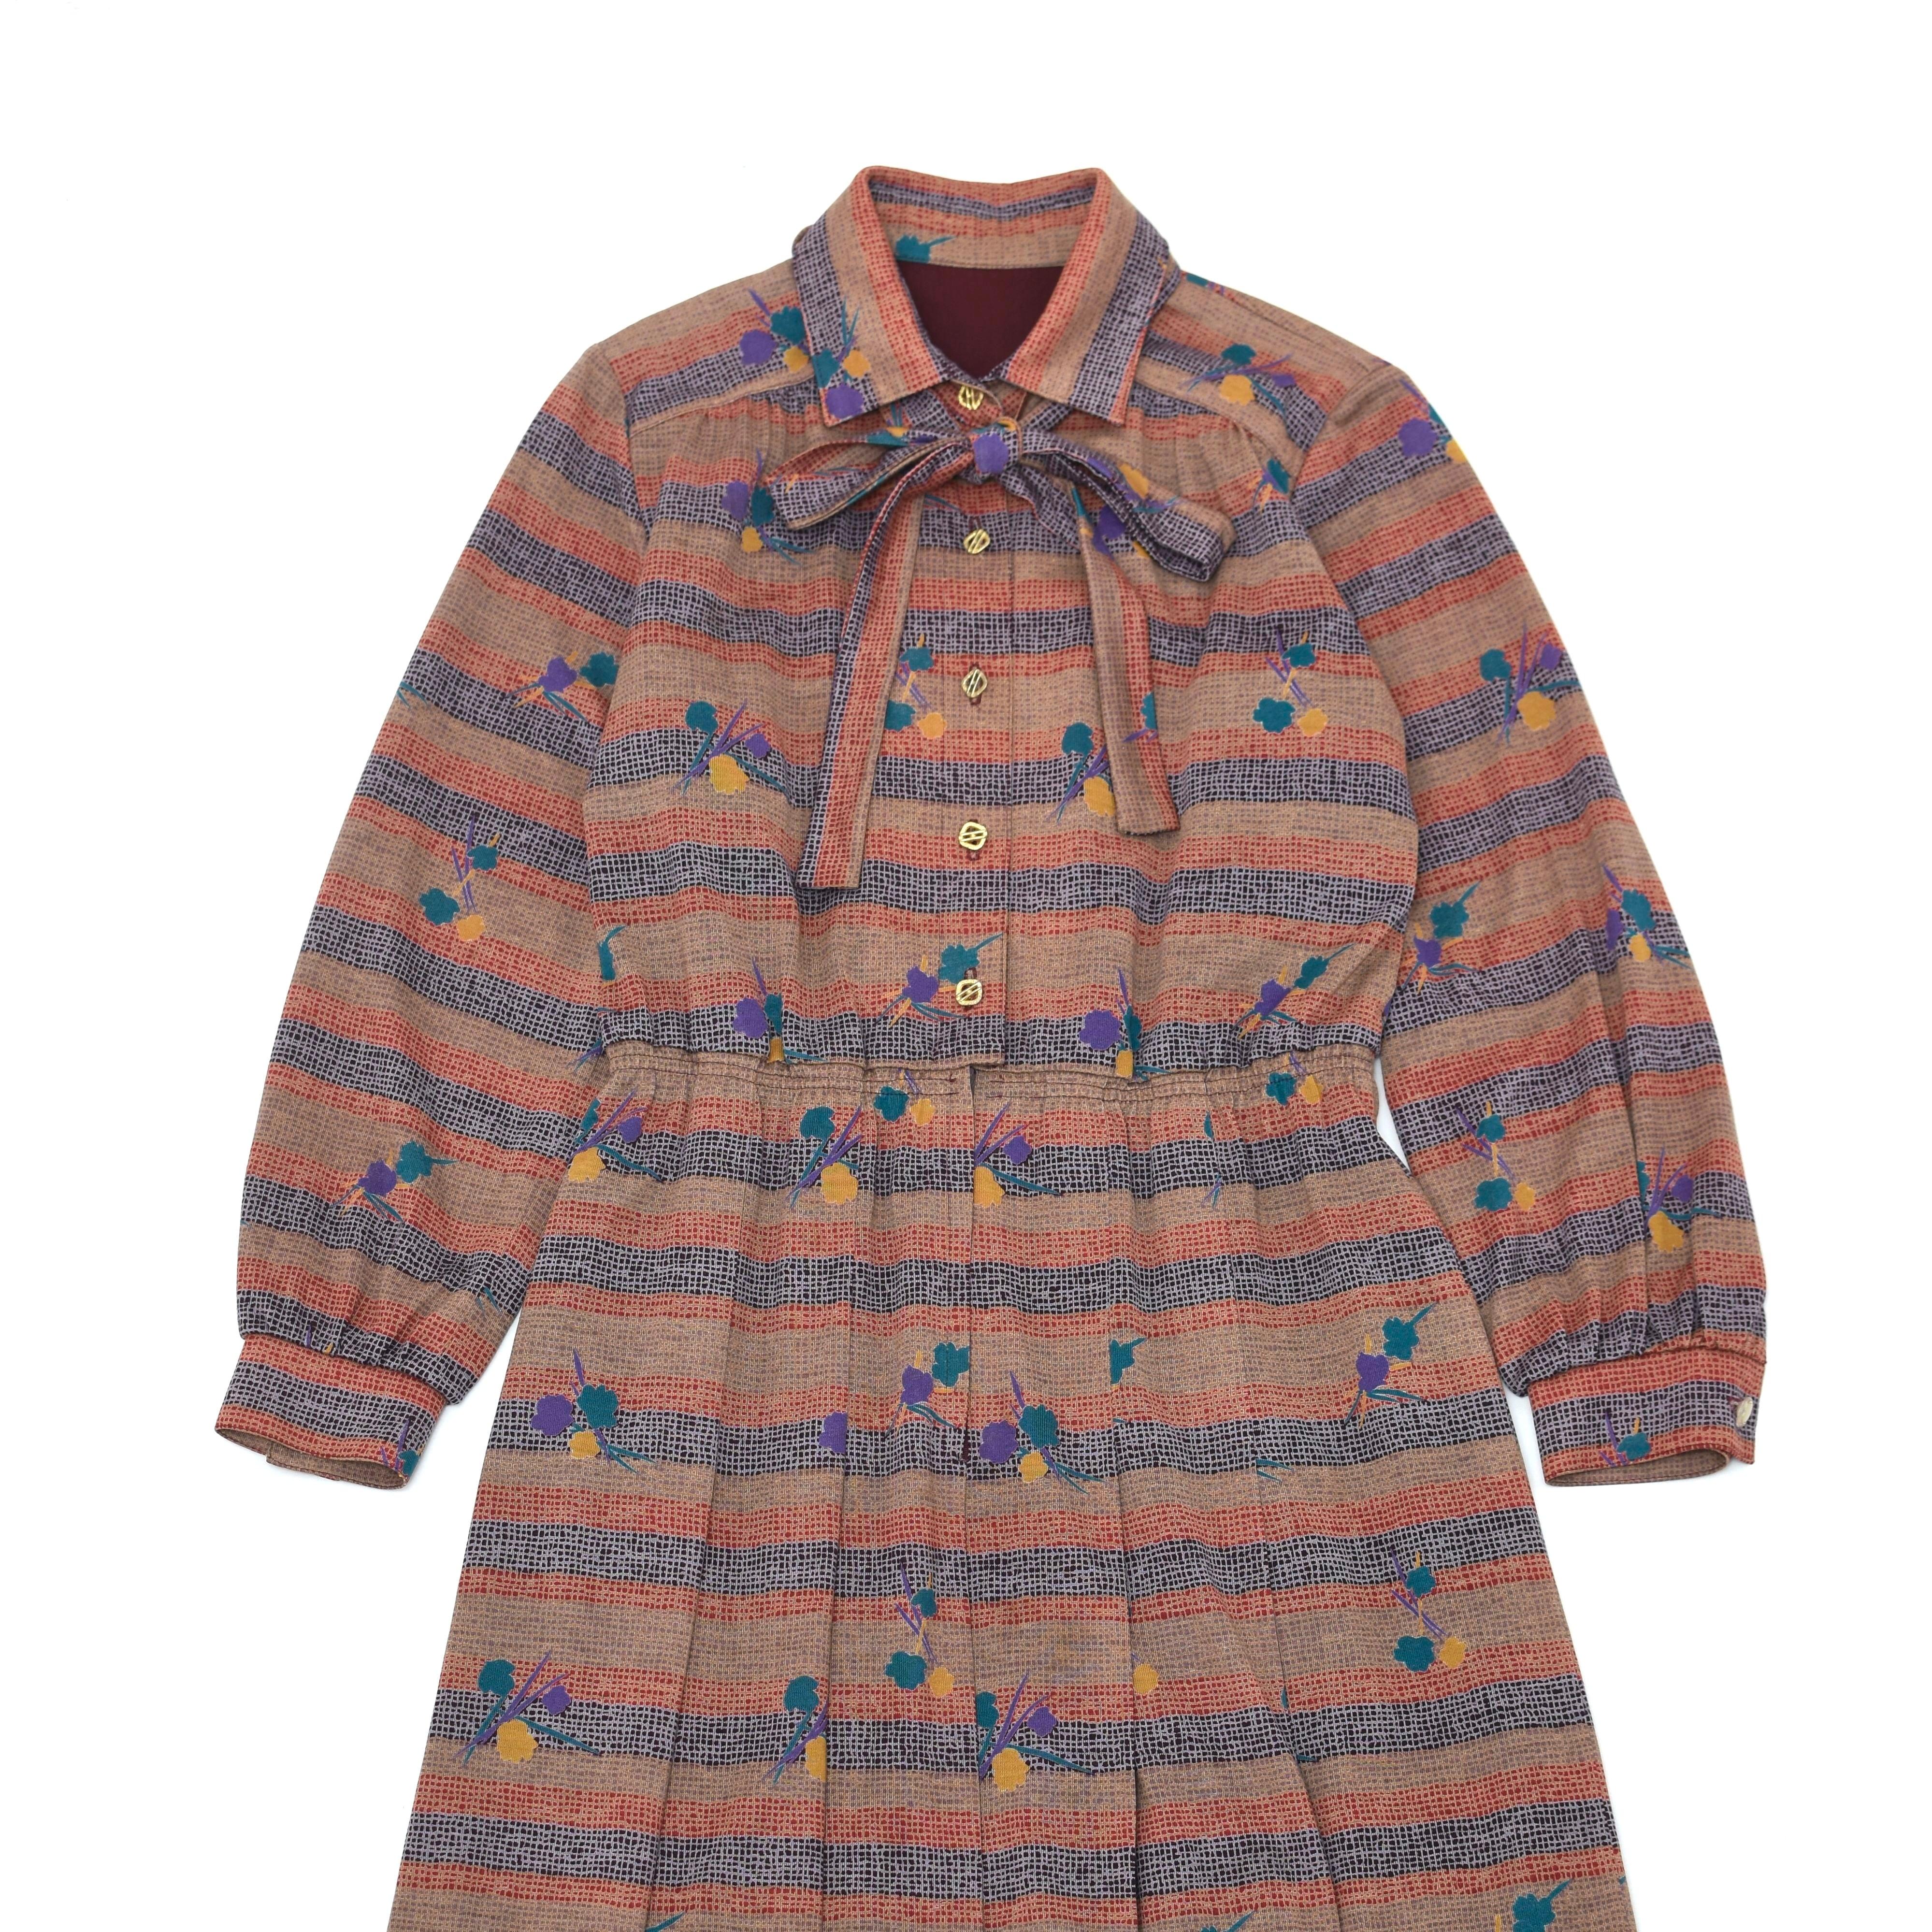 Vintage retro pattern bowtie one piece